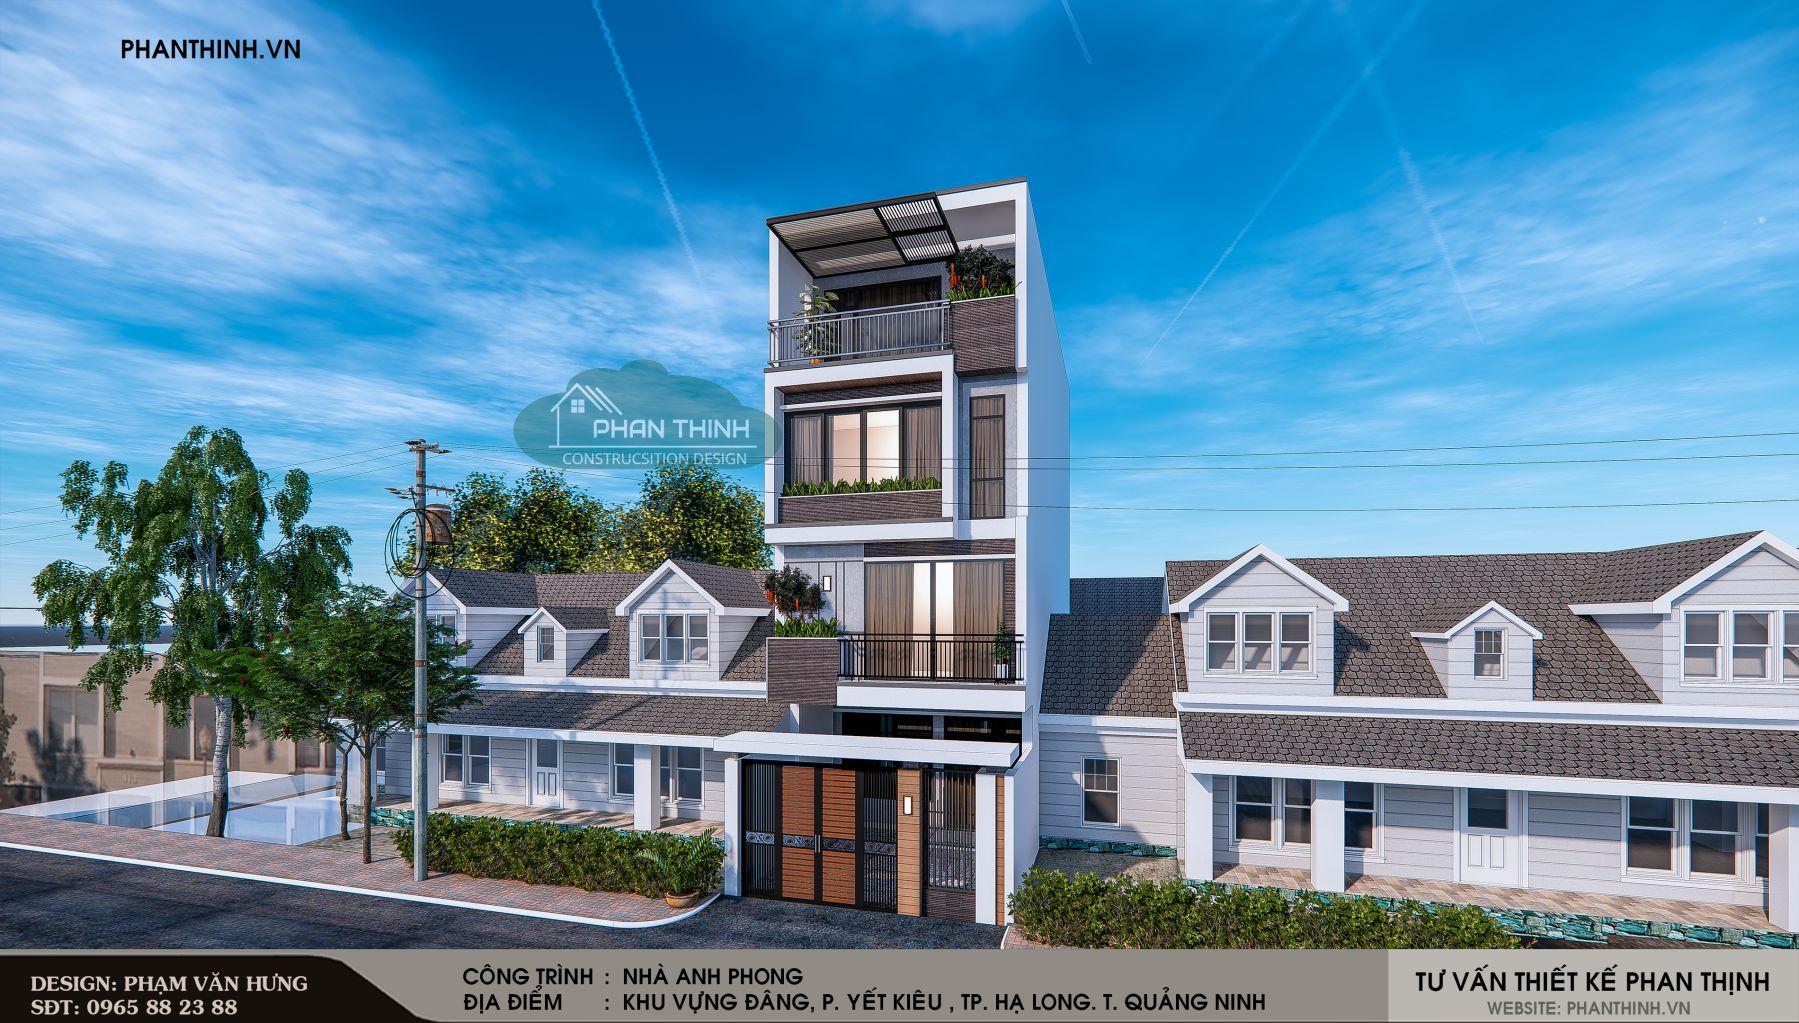 Thiết kế phối cảnh mặt tiền phương án 1 căn nhà ống 4 tầng đẹp tại Quảng Ninh góc số 1.